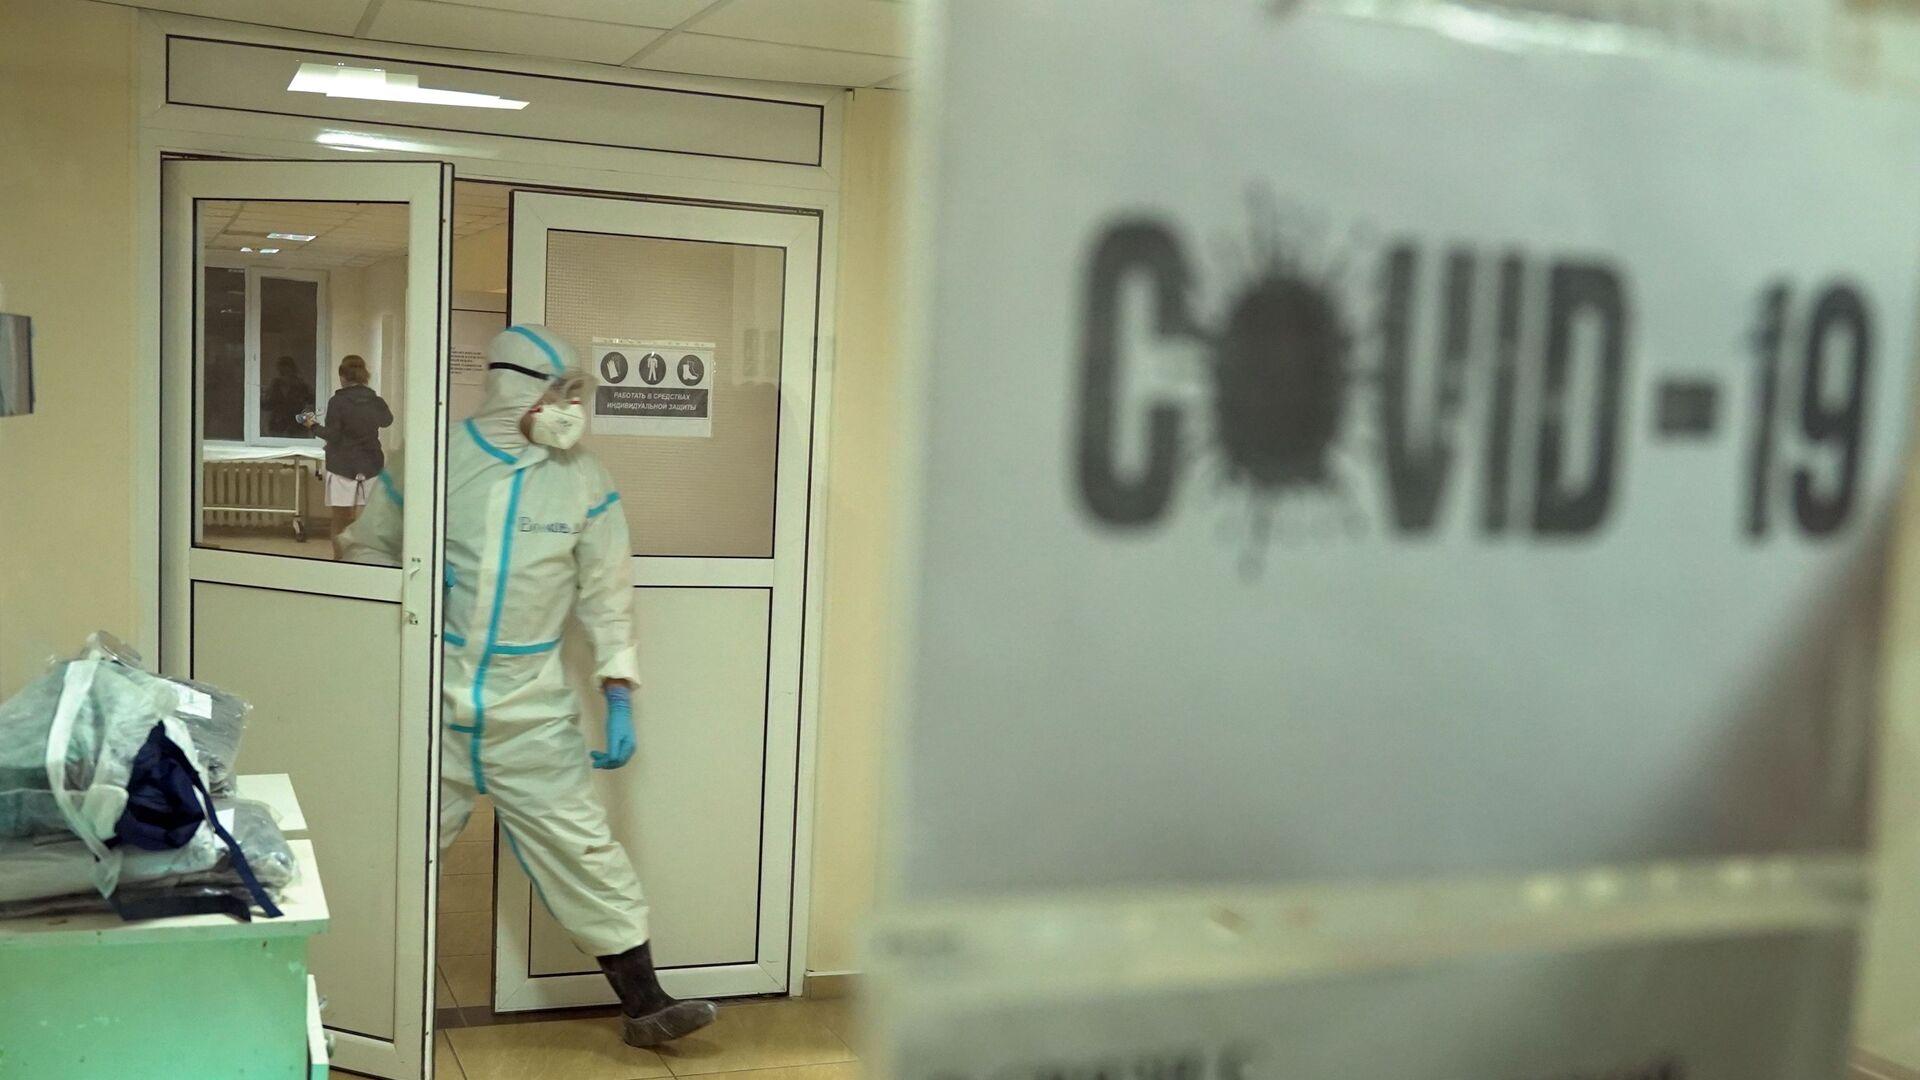 Pandemia de coronavirus en Ucrania - Sputnik Mundo, 1920, 16.03.2021